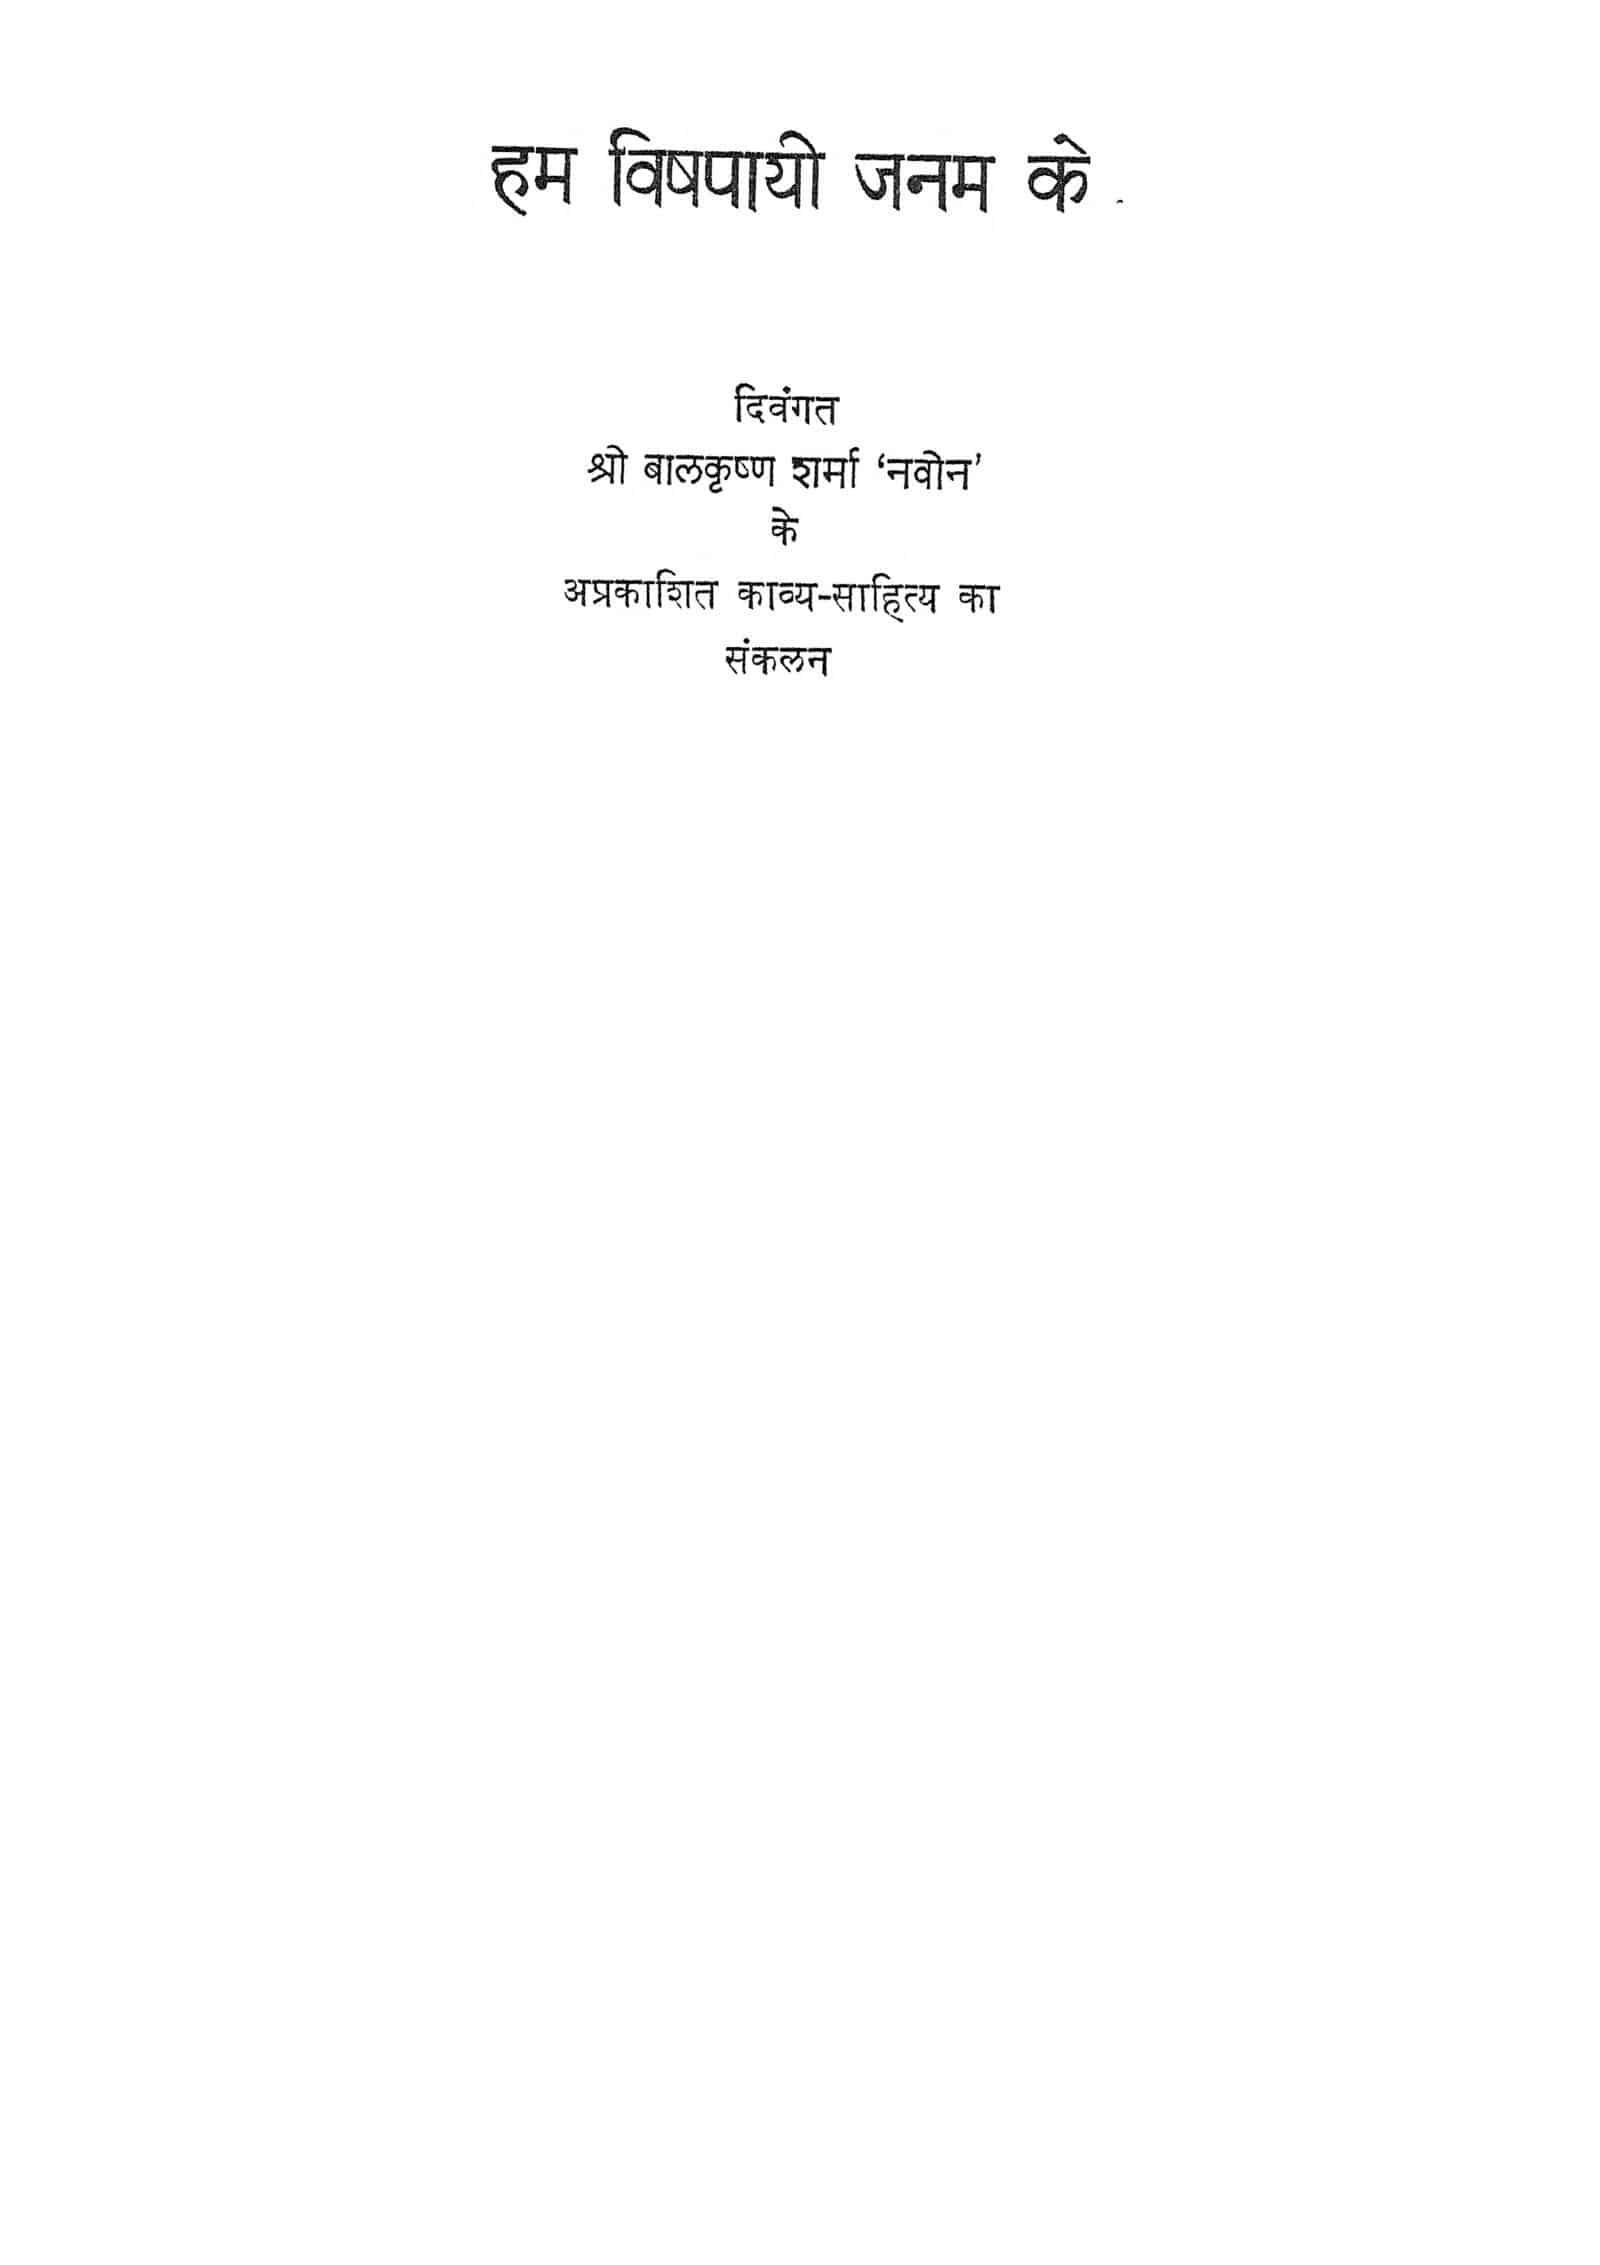 Book Image : हम विषपायी जनम के - Ham Vishapaee Janam Ke